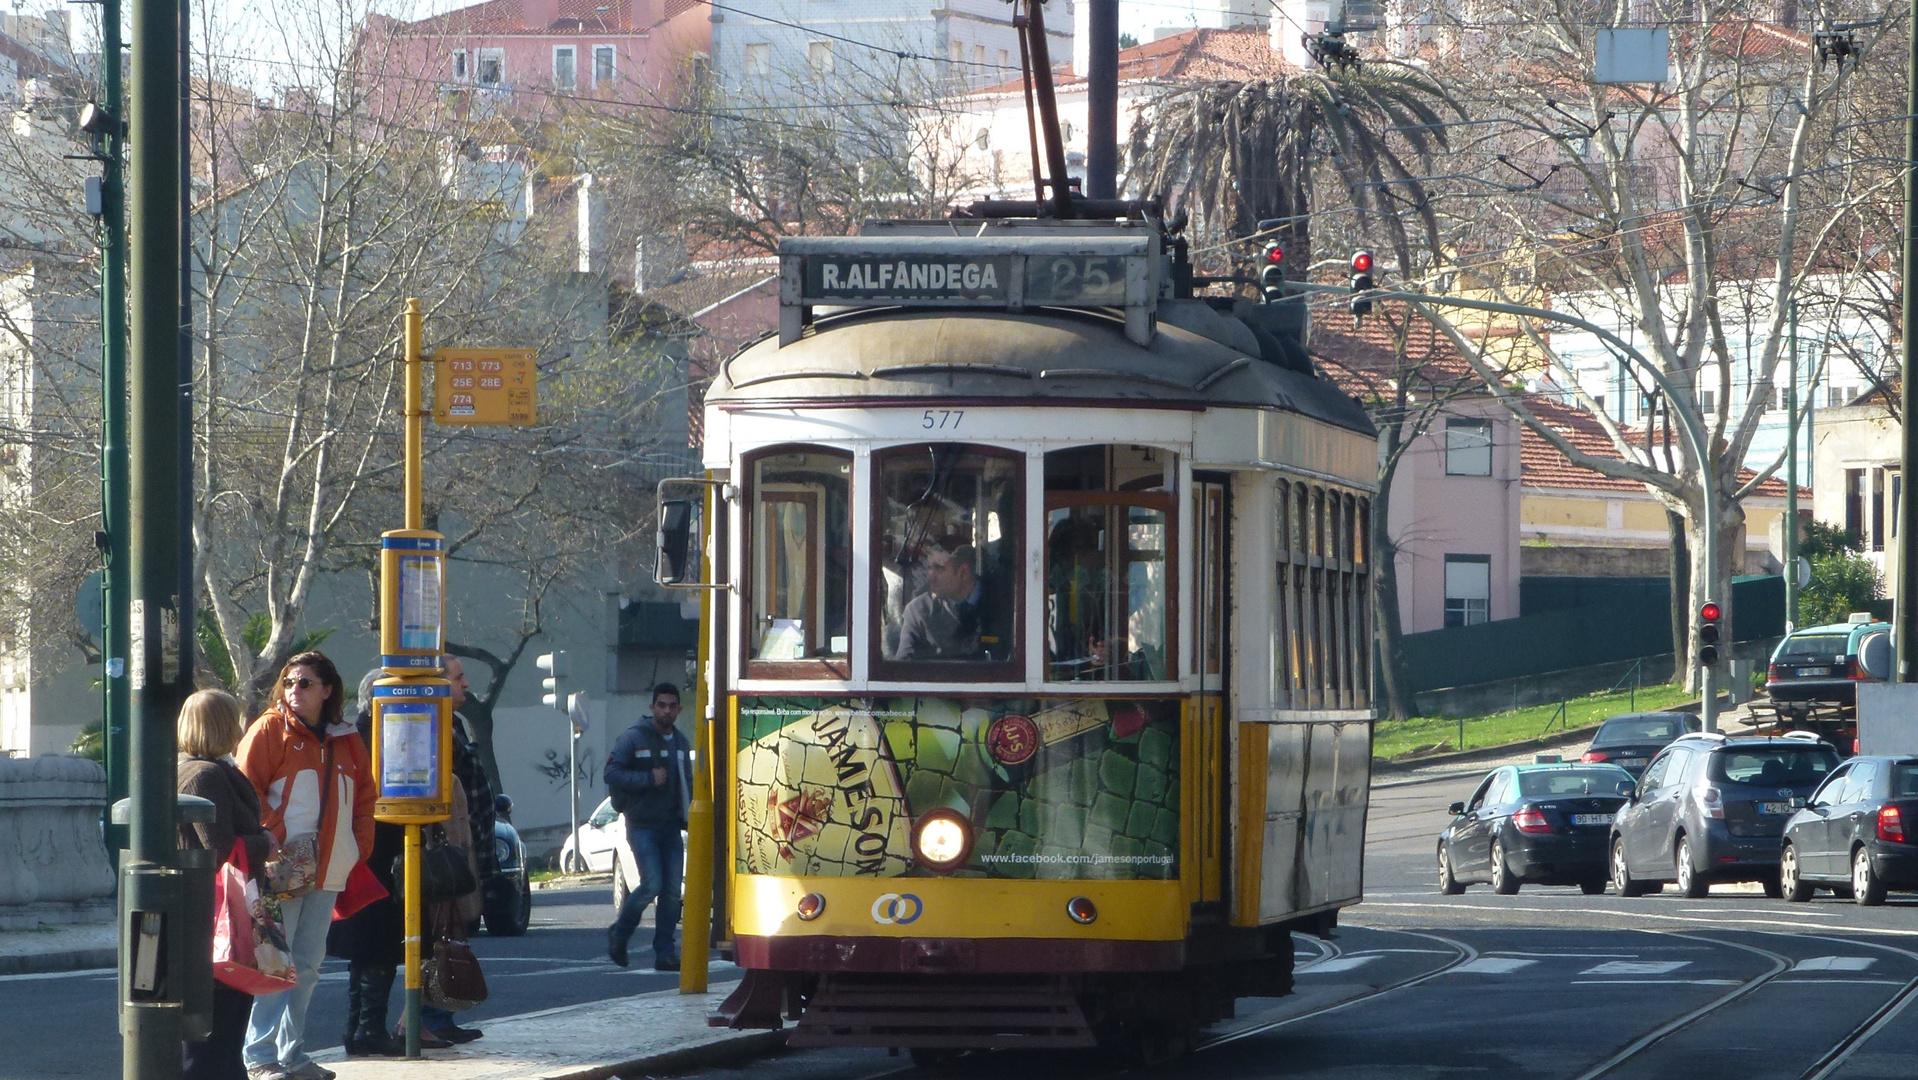 Linha 25 passing Parque da Estrela